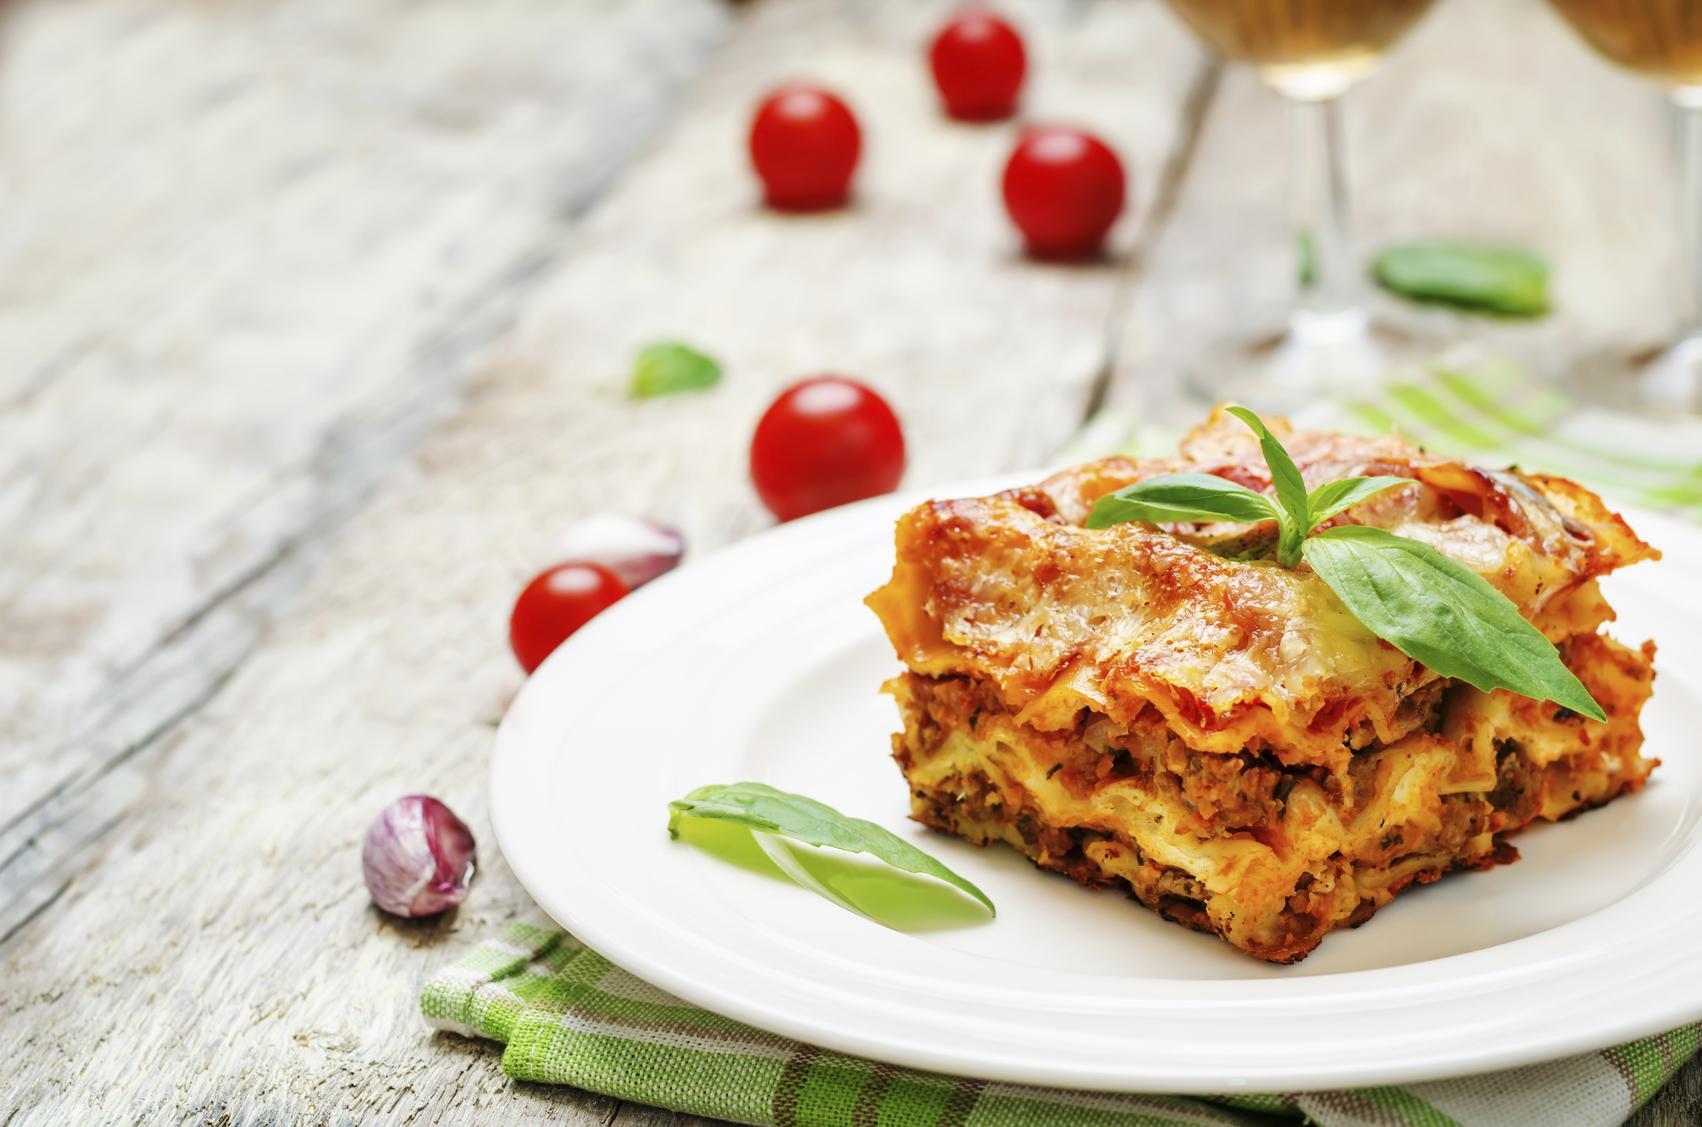 Douze recettes de lasagnes gourmandes cuisine madame figaro - Cuisine plus fr recettes ...